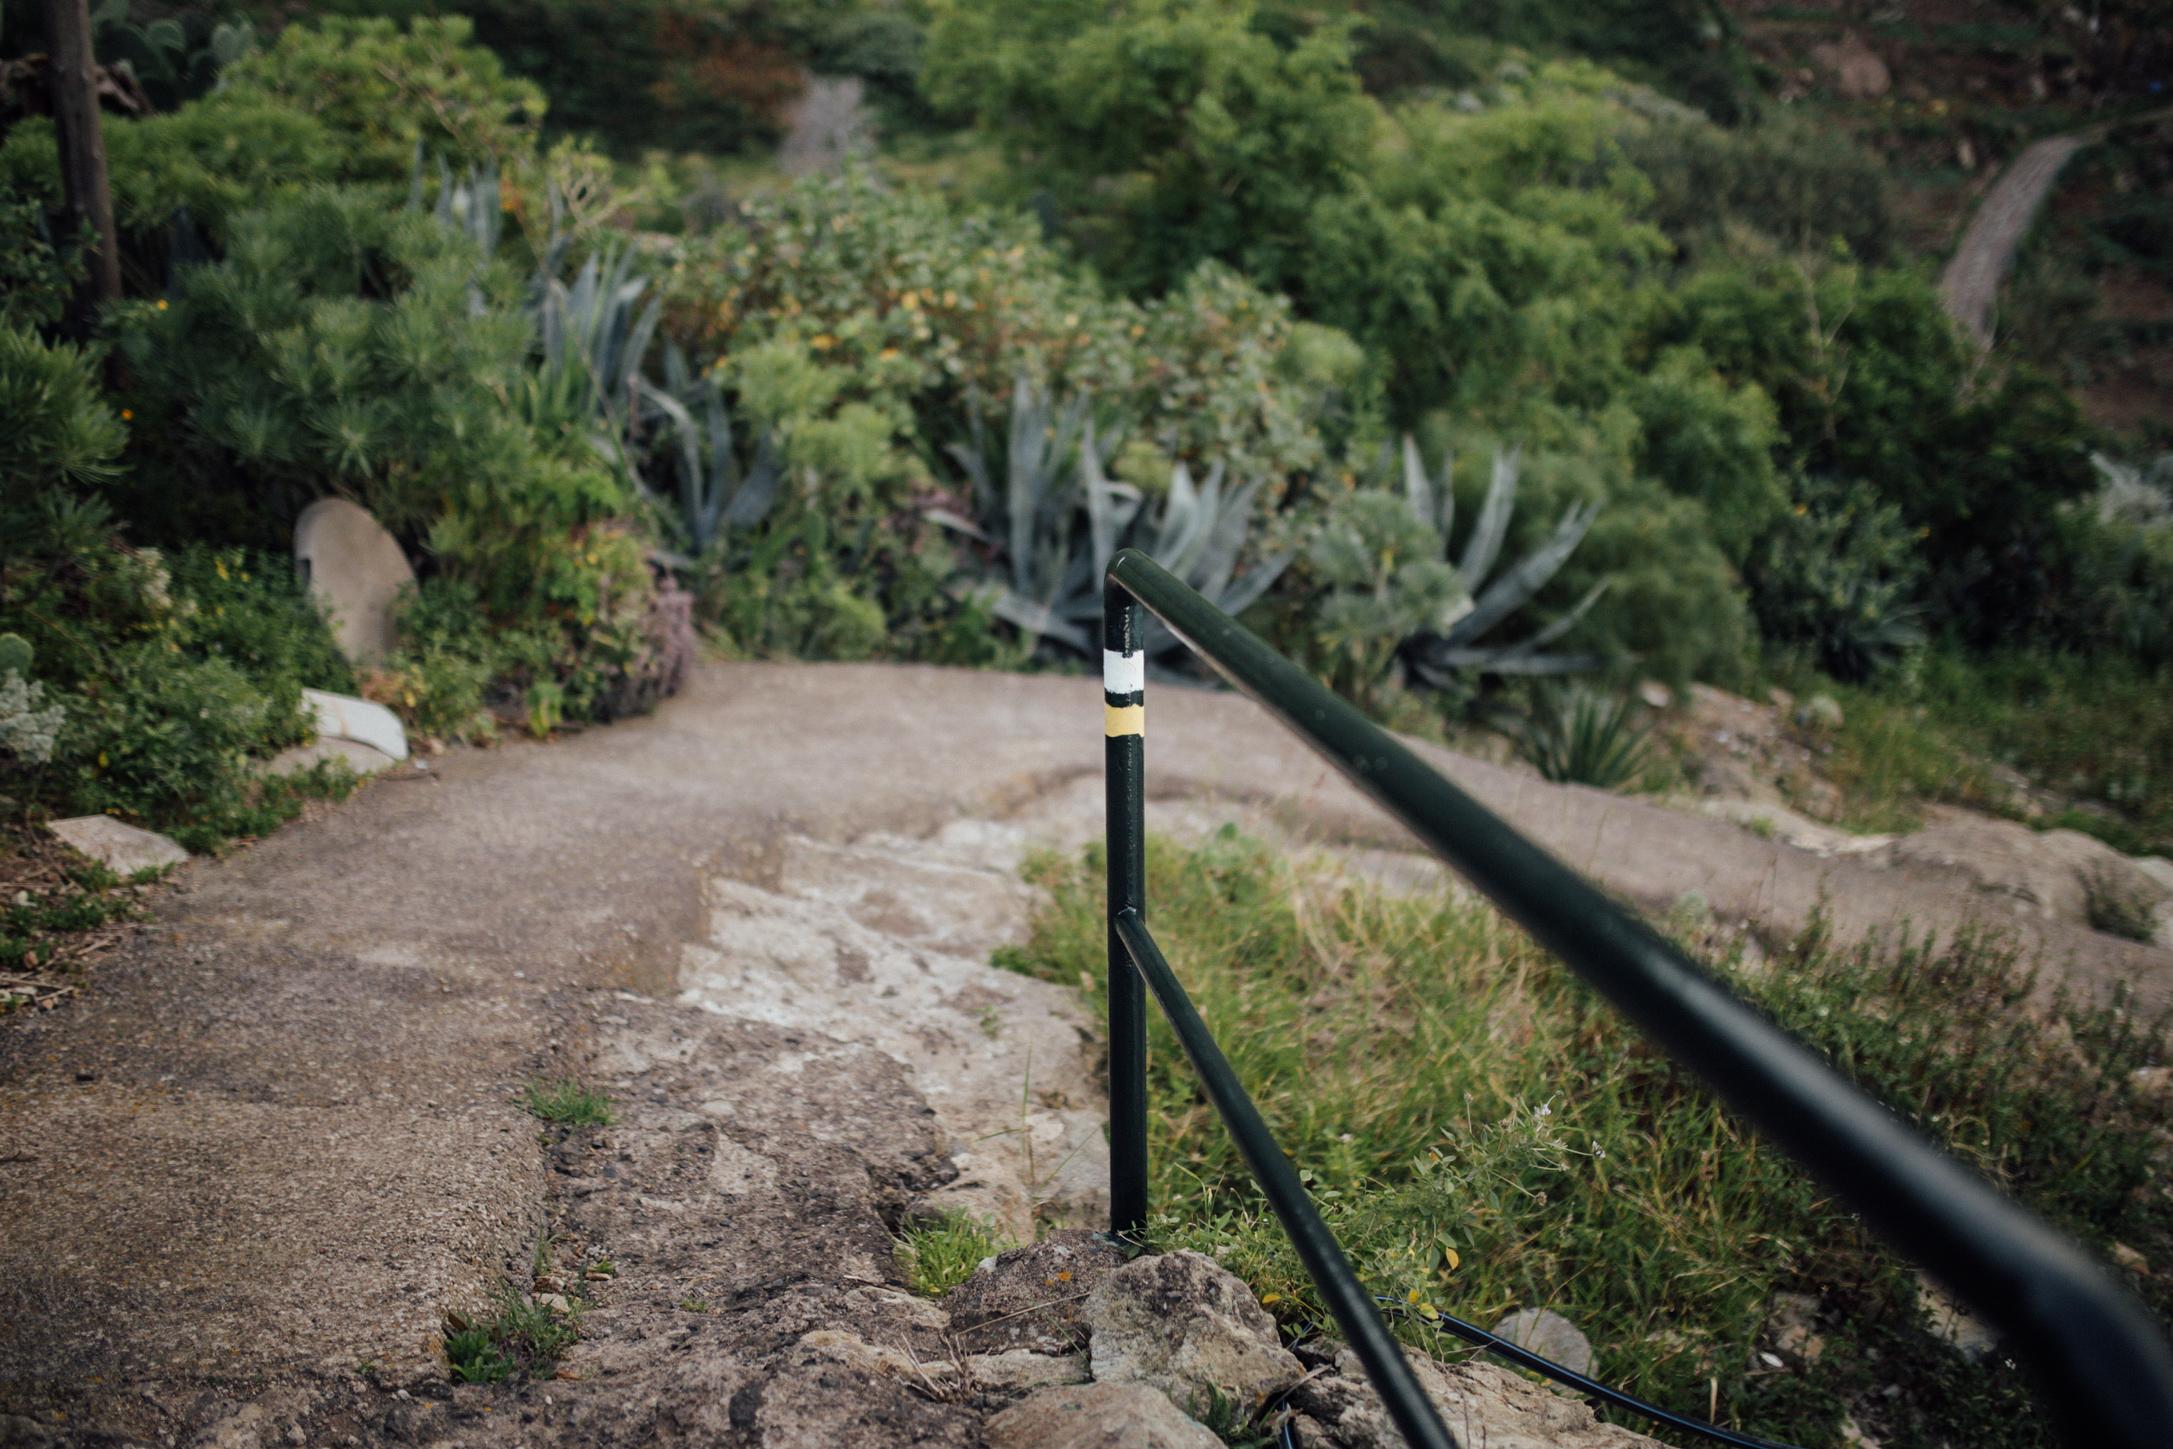 Marca del sendero: El camino barranco abajo te lleva a la playa de Tamadite // Mark of the path: This way downhill takes you to the beach of Tamadite